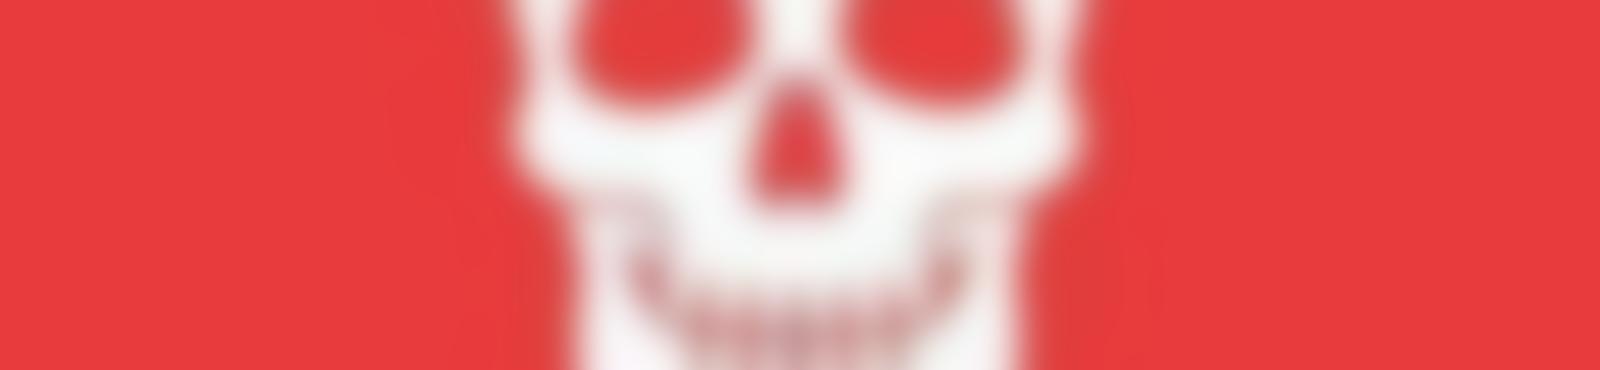 Blurred 6a052fd4 46e5 41af af08 7ef3dc8dd7fc